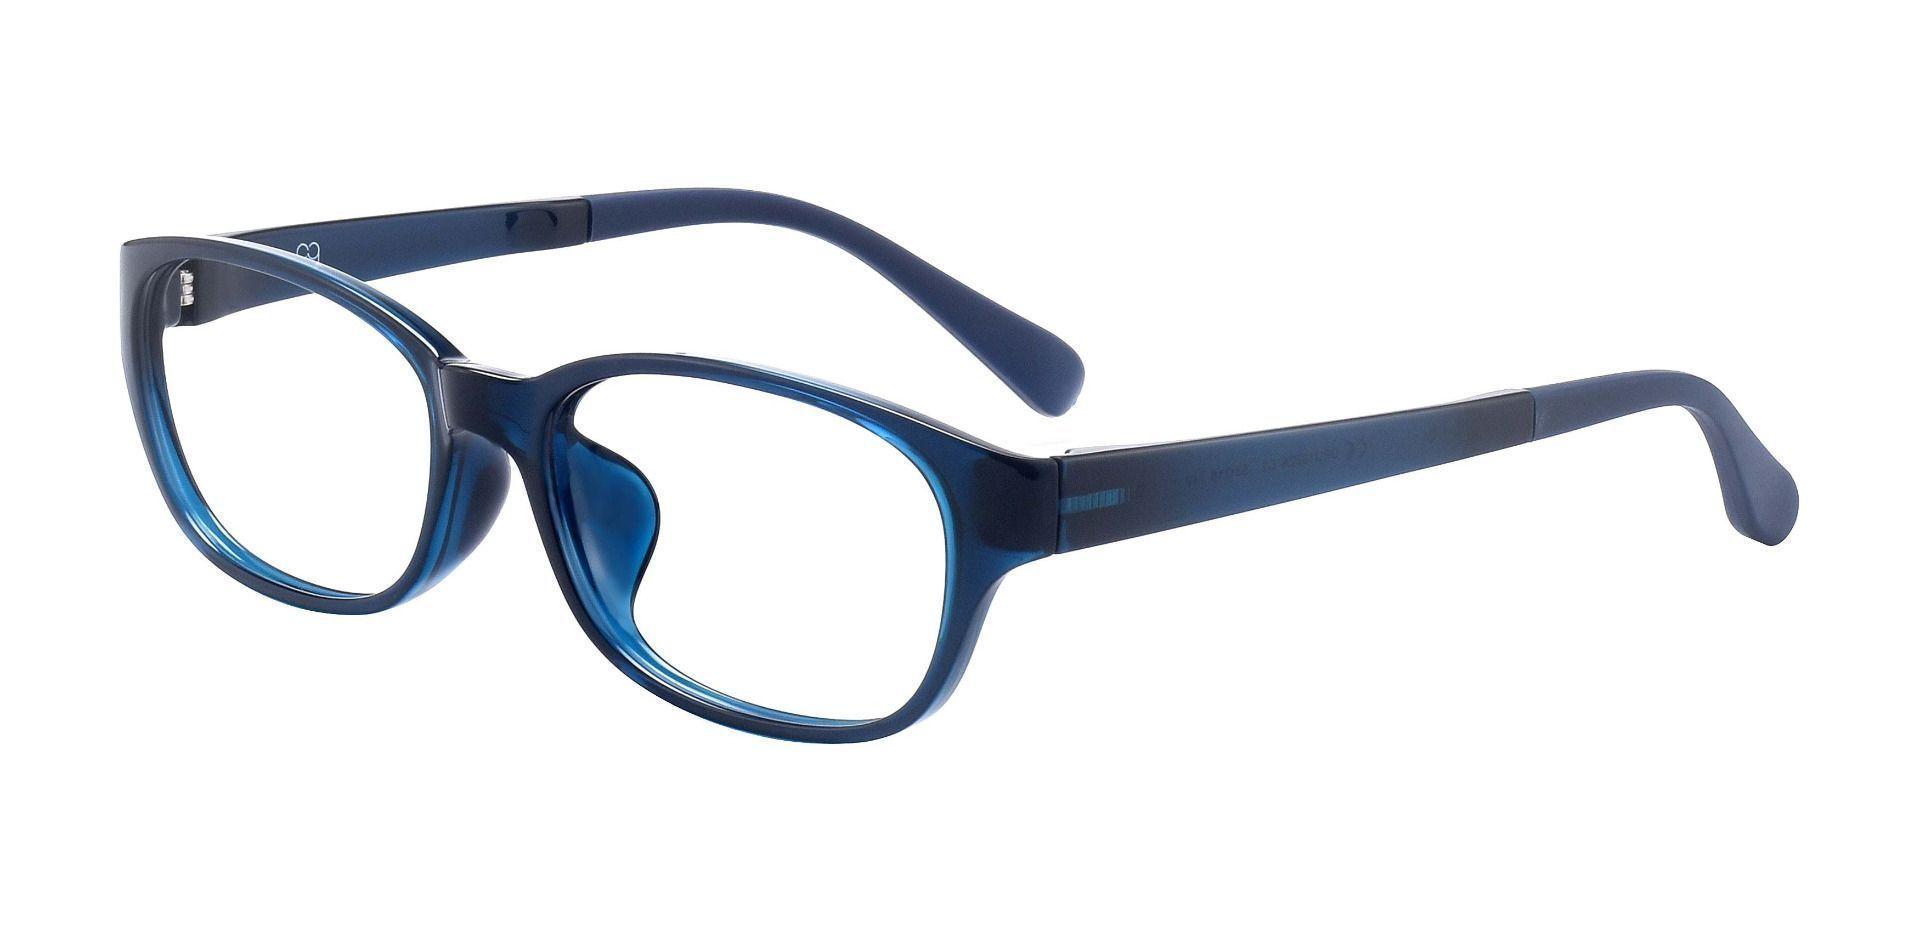 Alto Oval Prescription Glasses - Blue